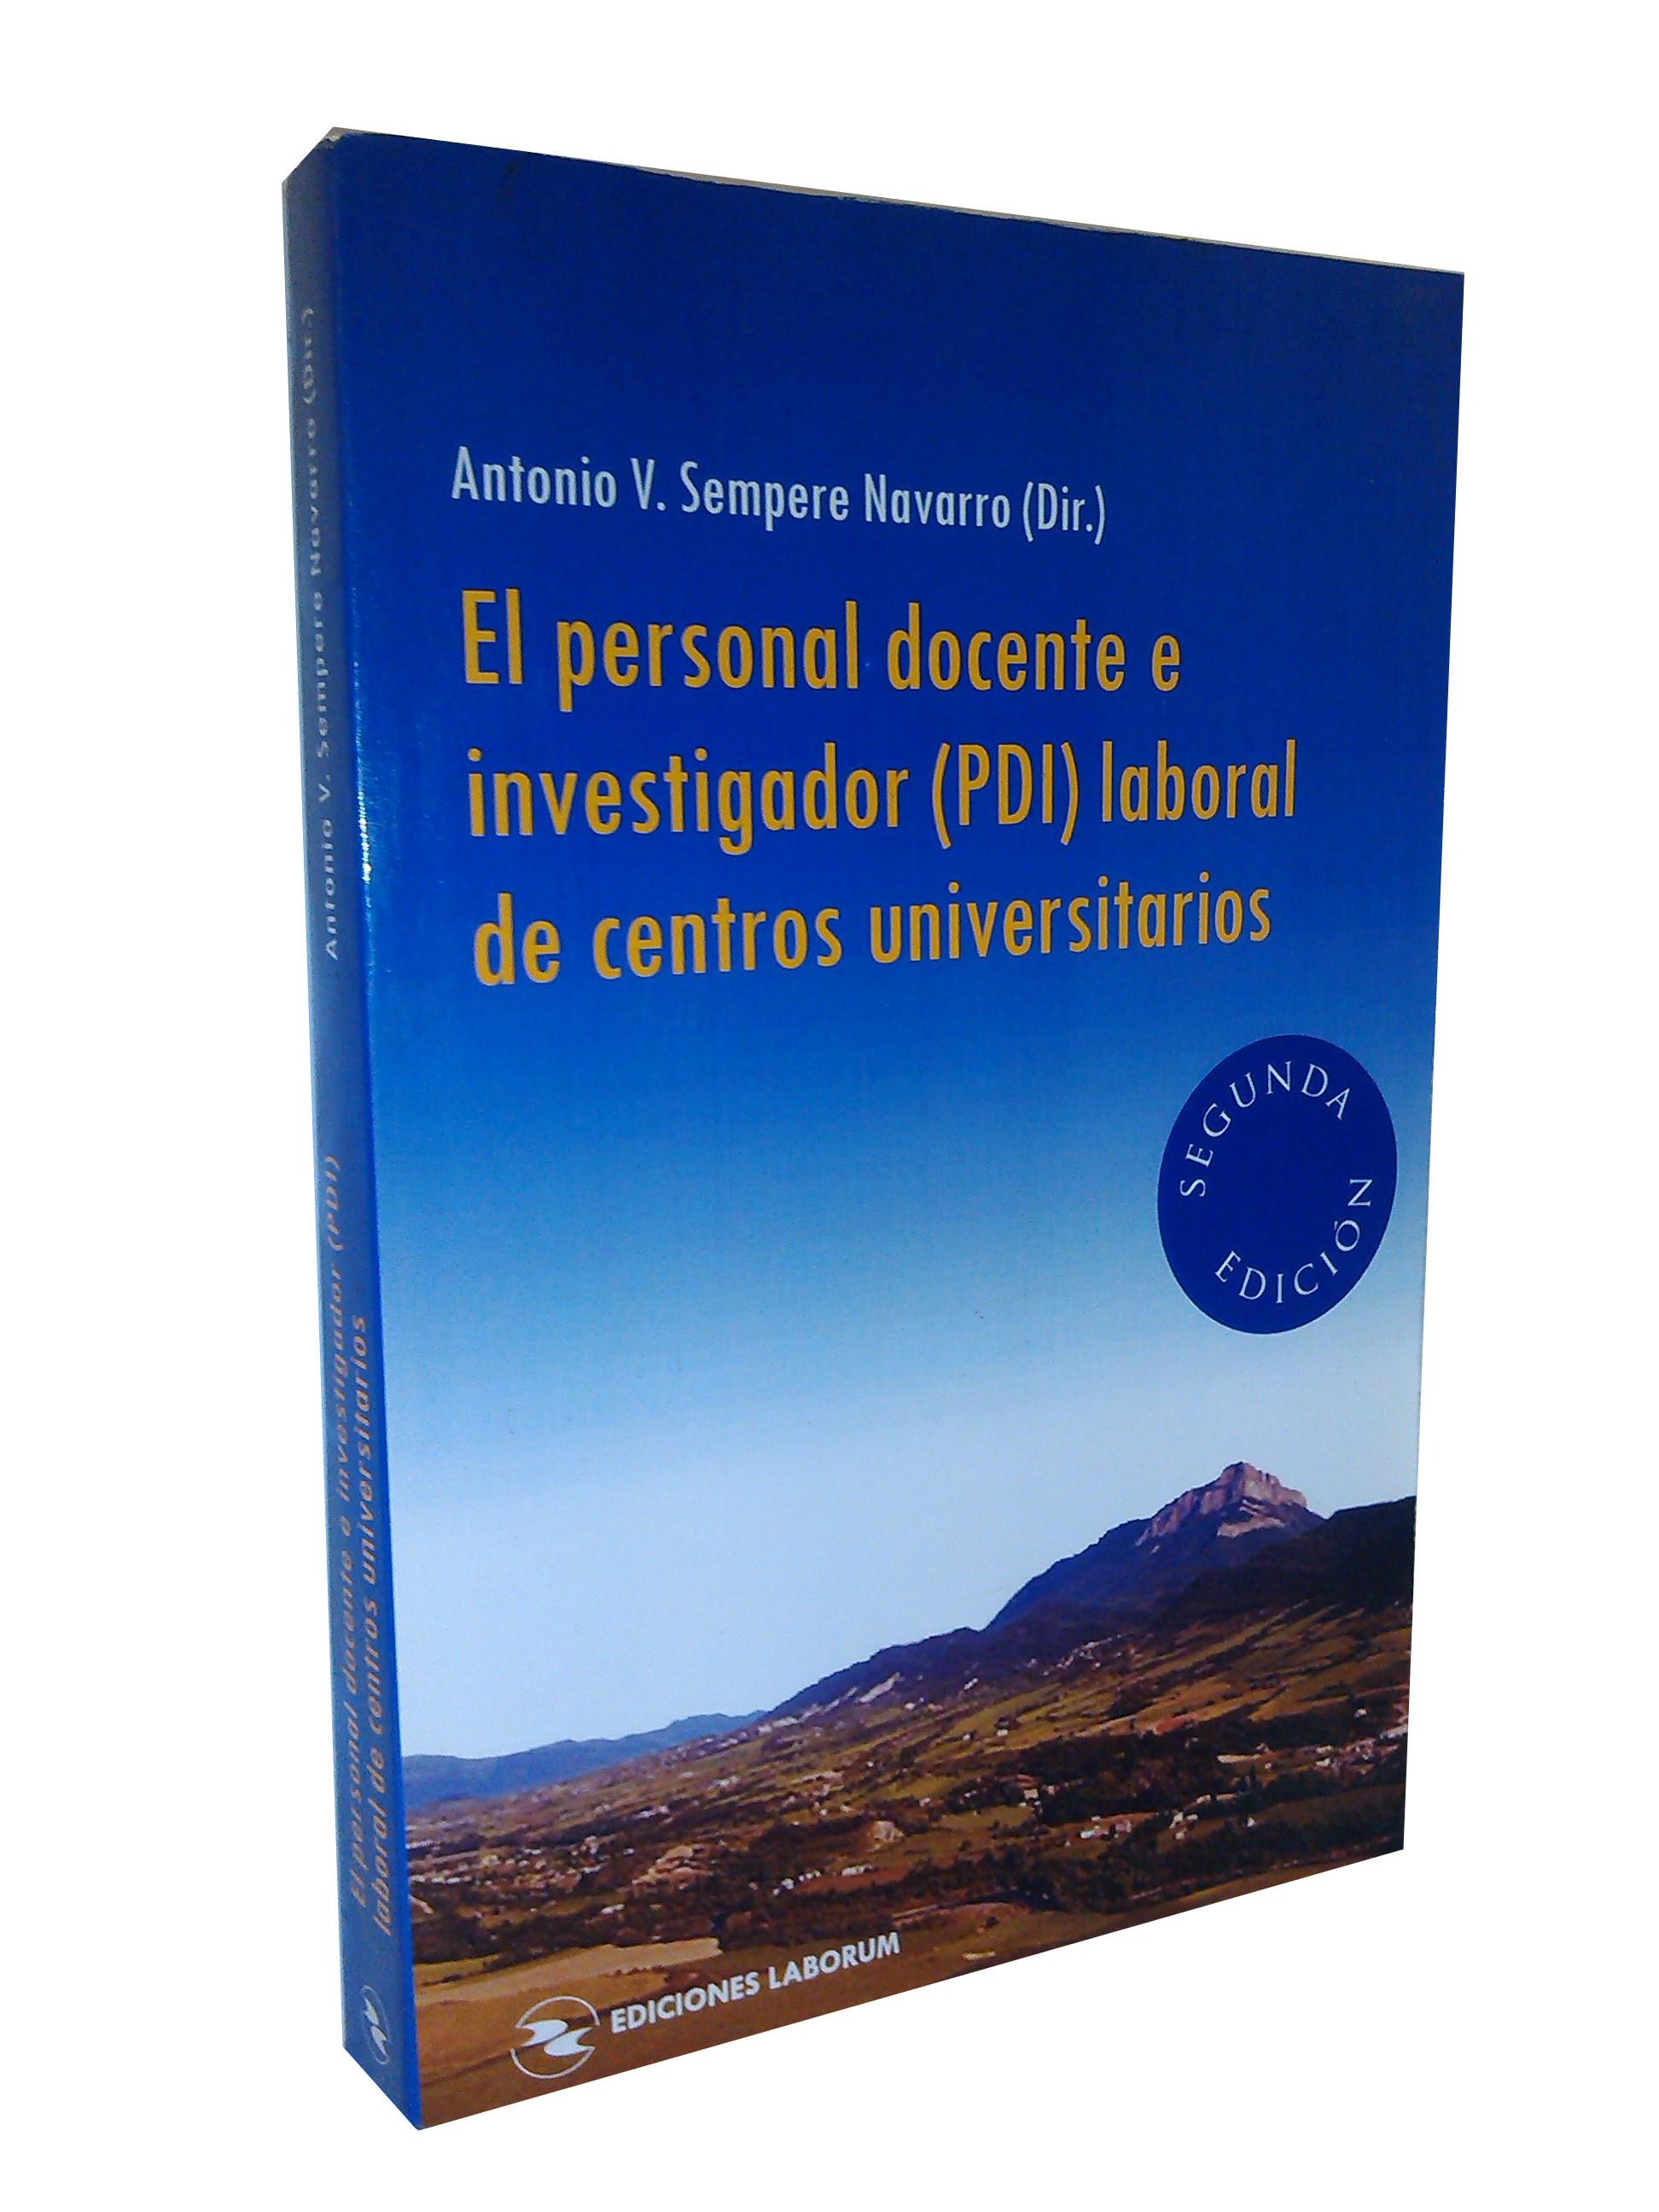 El personal docente e investigador (PDI) laboral de centros universitarios (2ª edición)